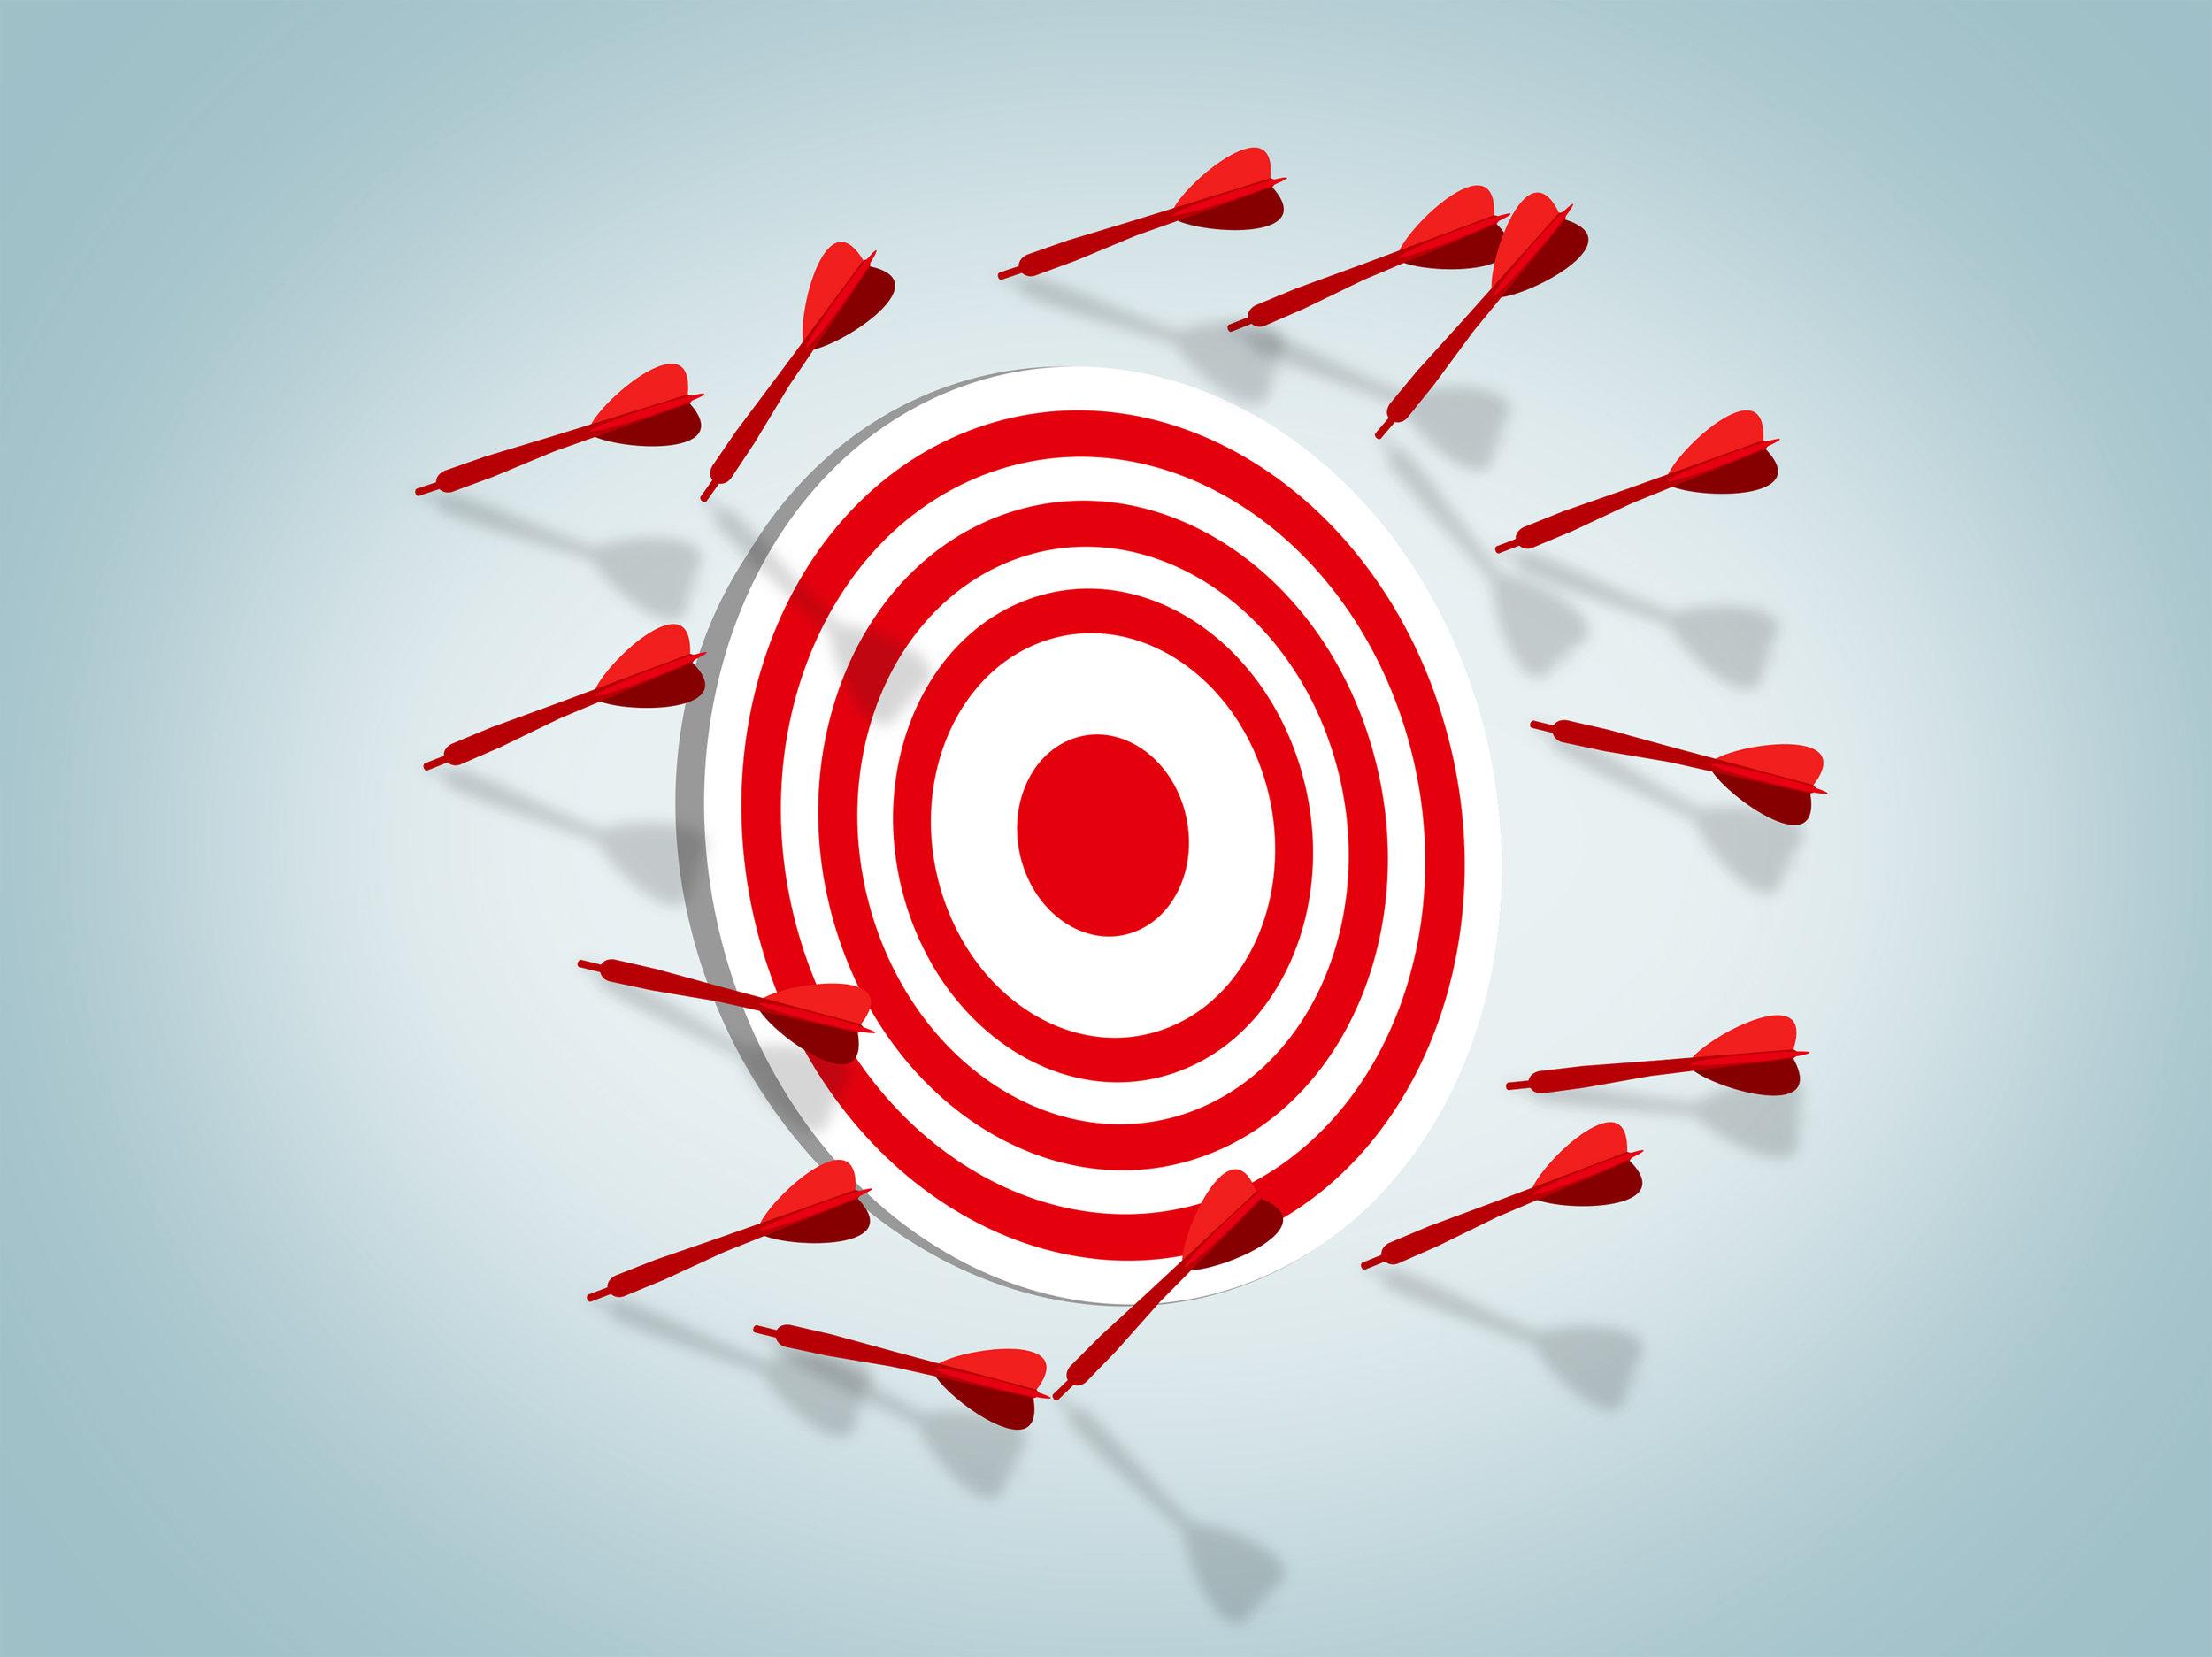 stockvault-missing-the-target182816.jpg